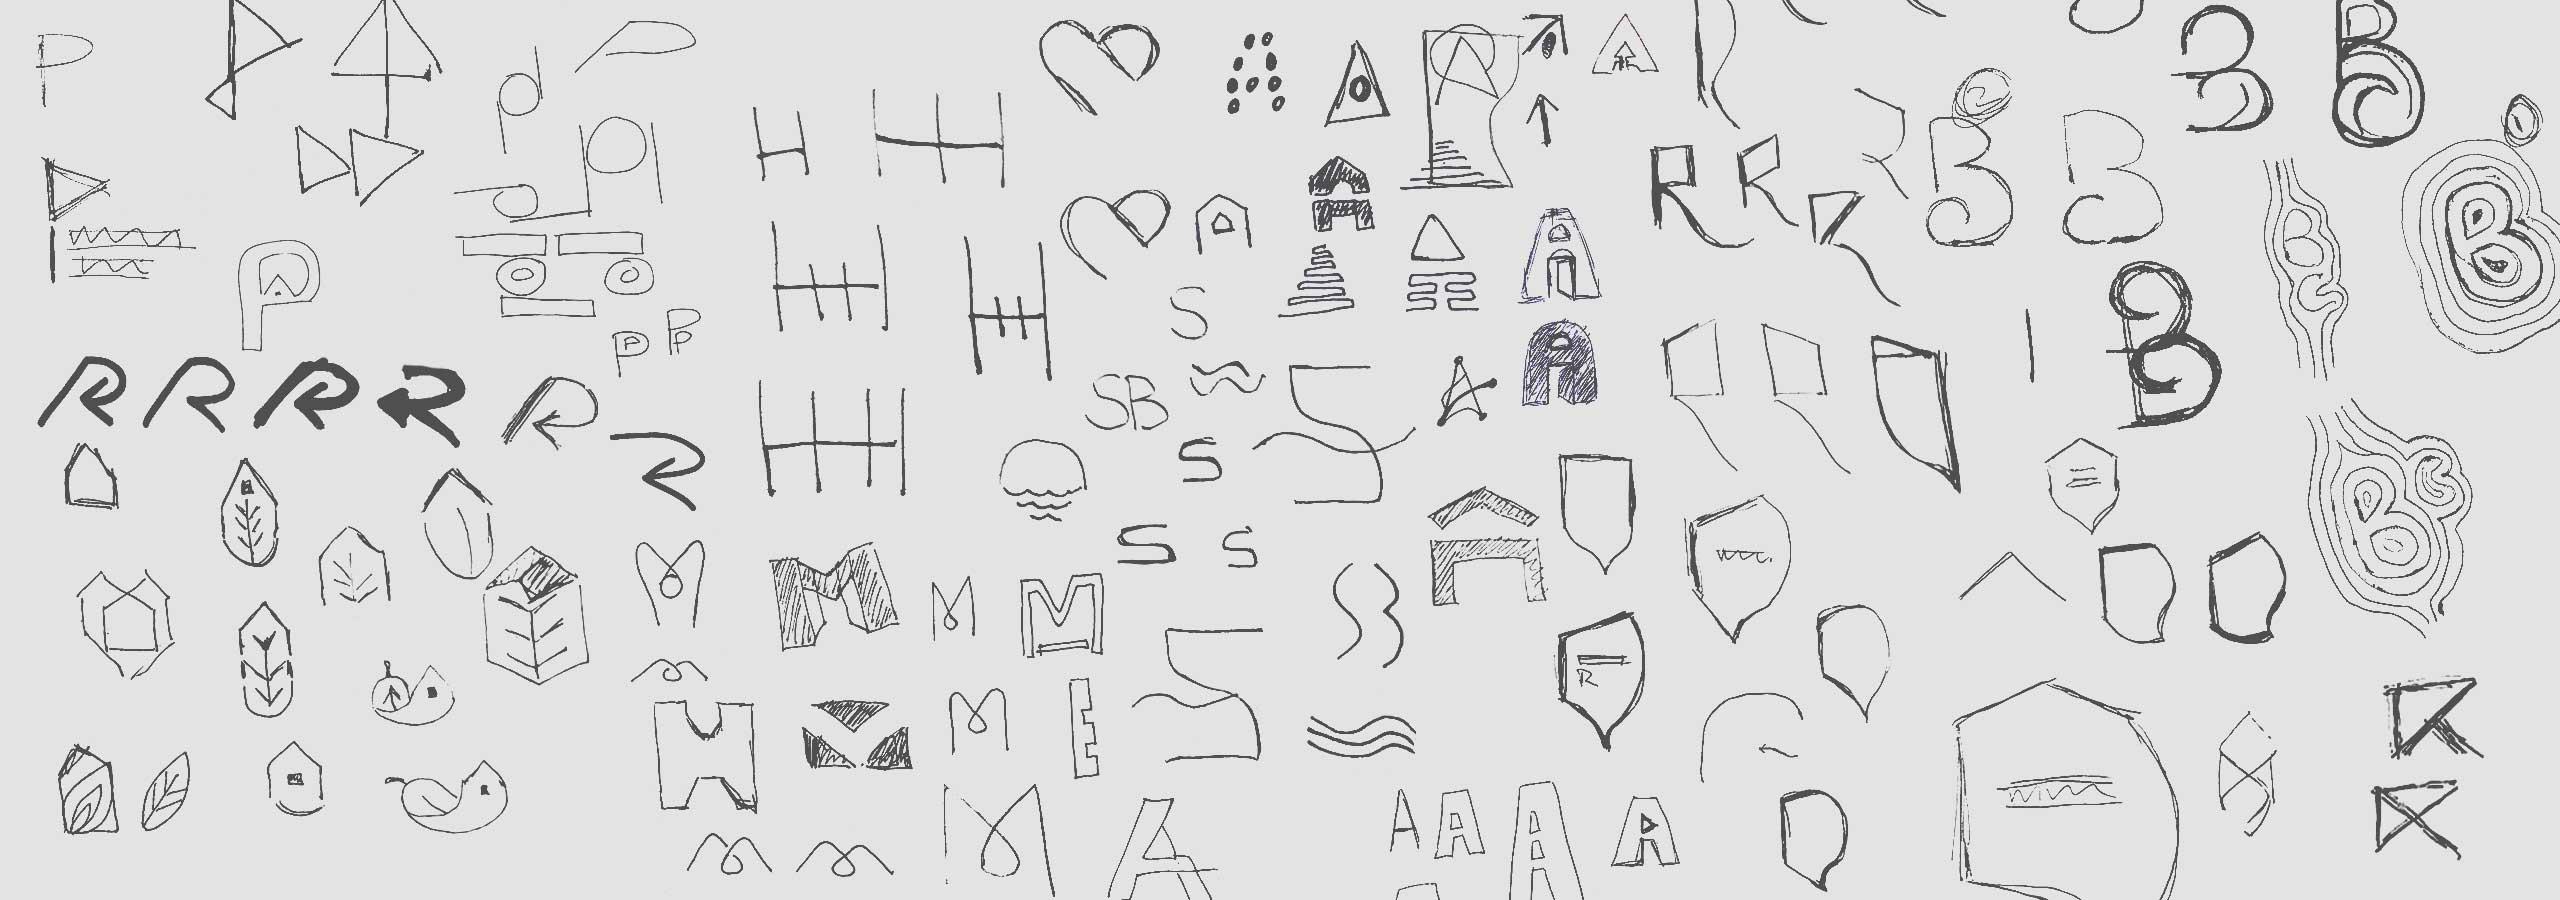 logos-header-3